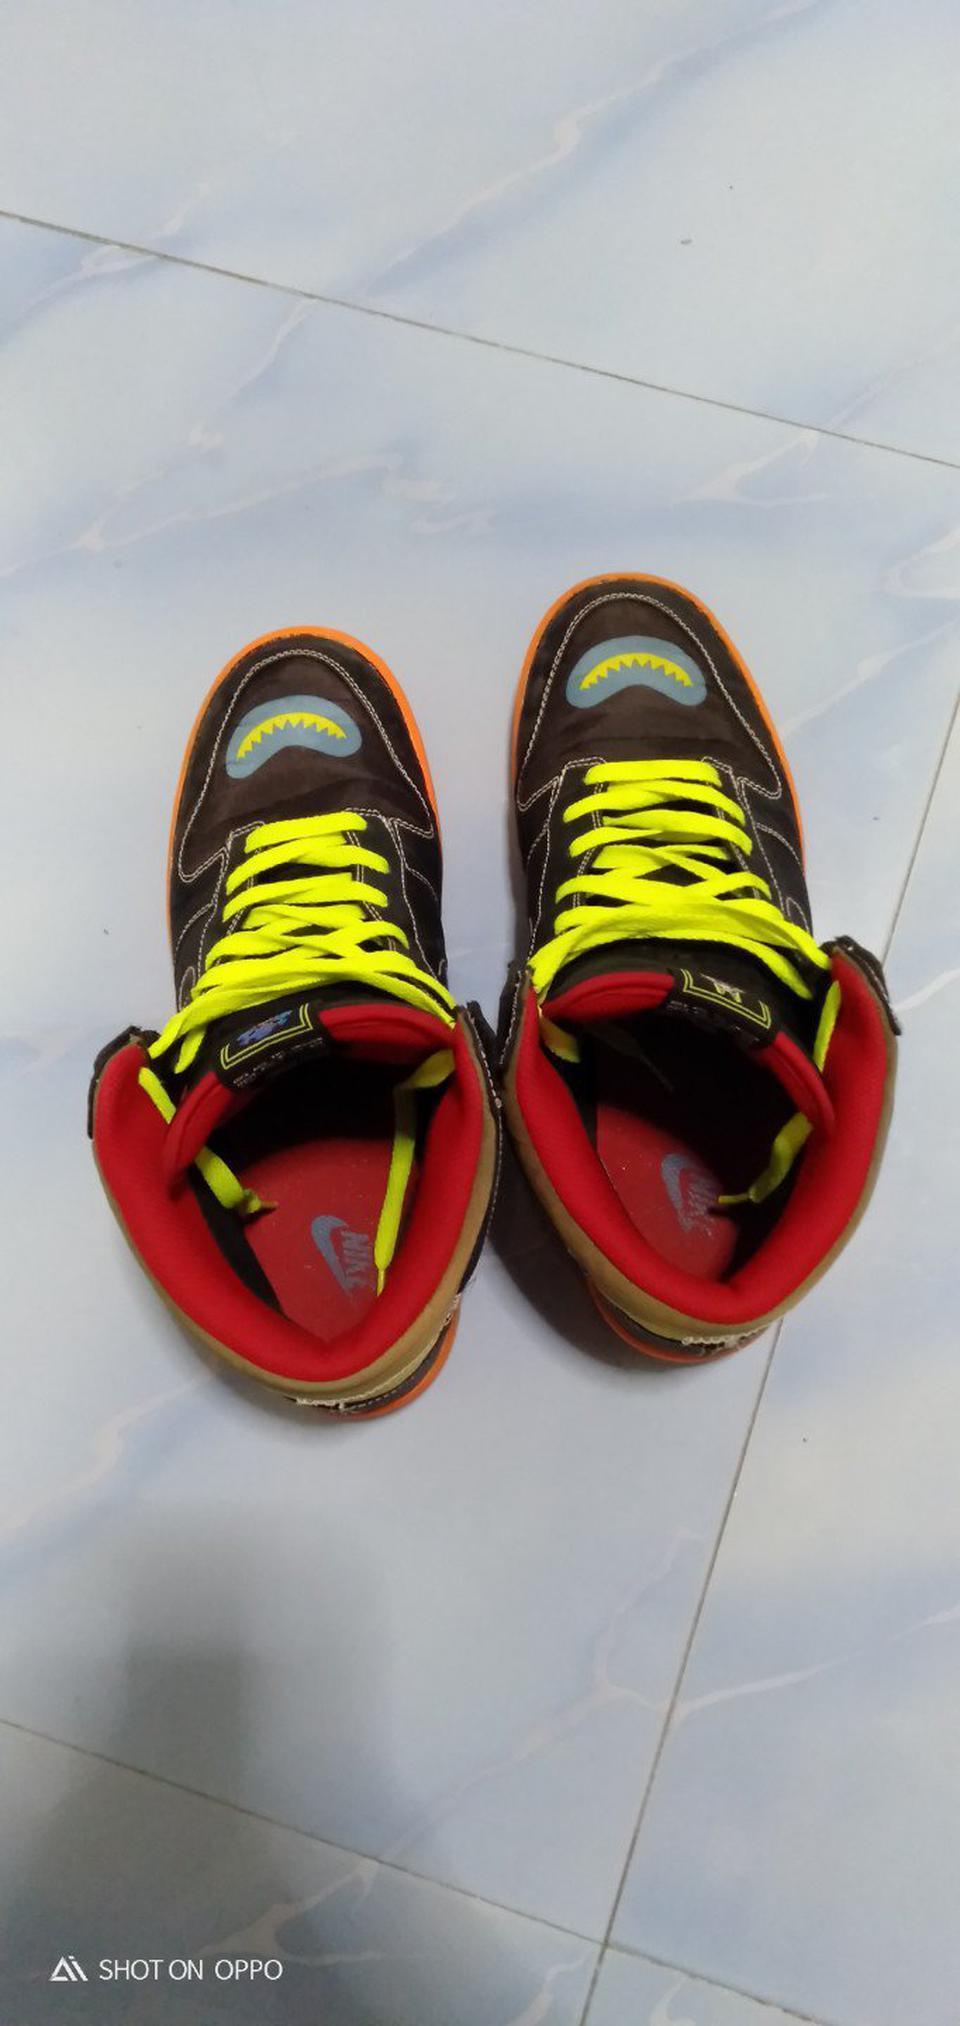 รองเท้า Nike ผู้ชาย รูปที่ 4